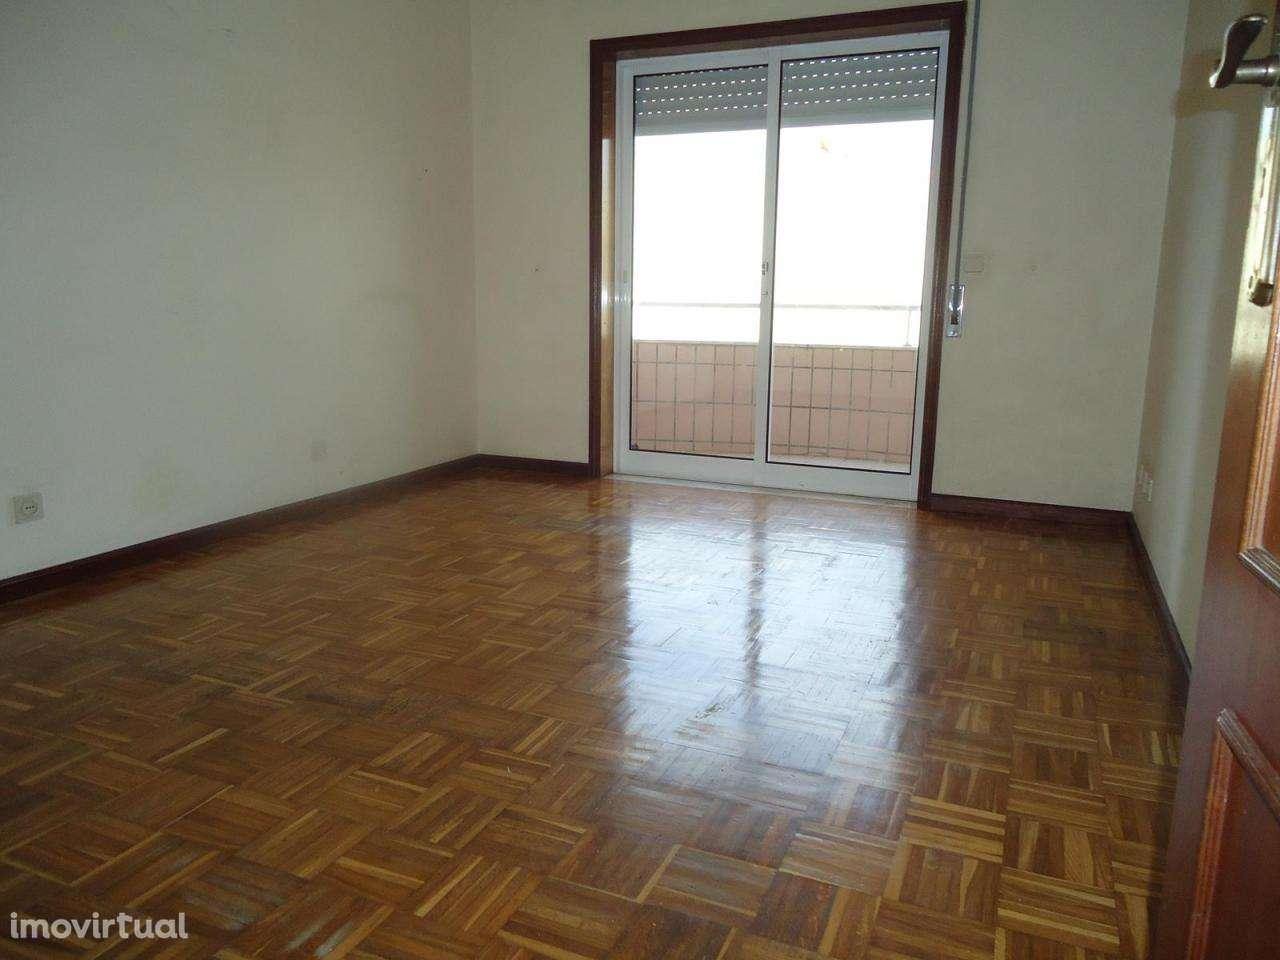 Apartamento para comprar, Avintes, Porto - Foto 17